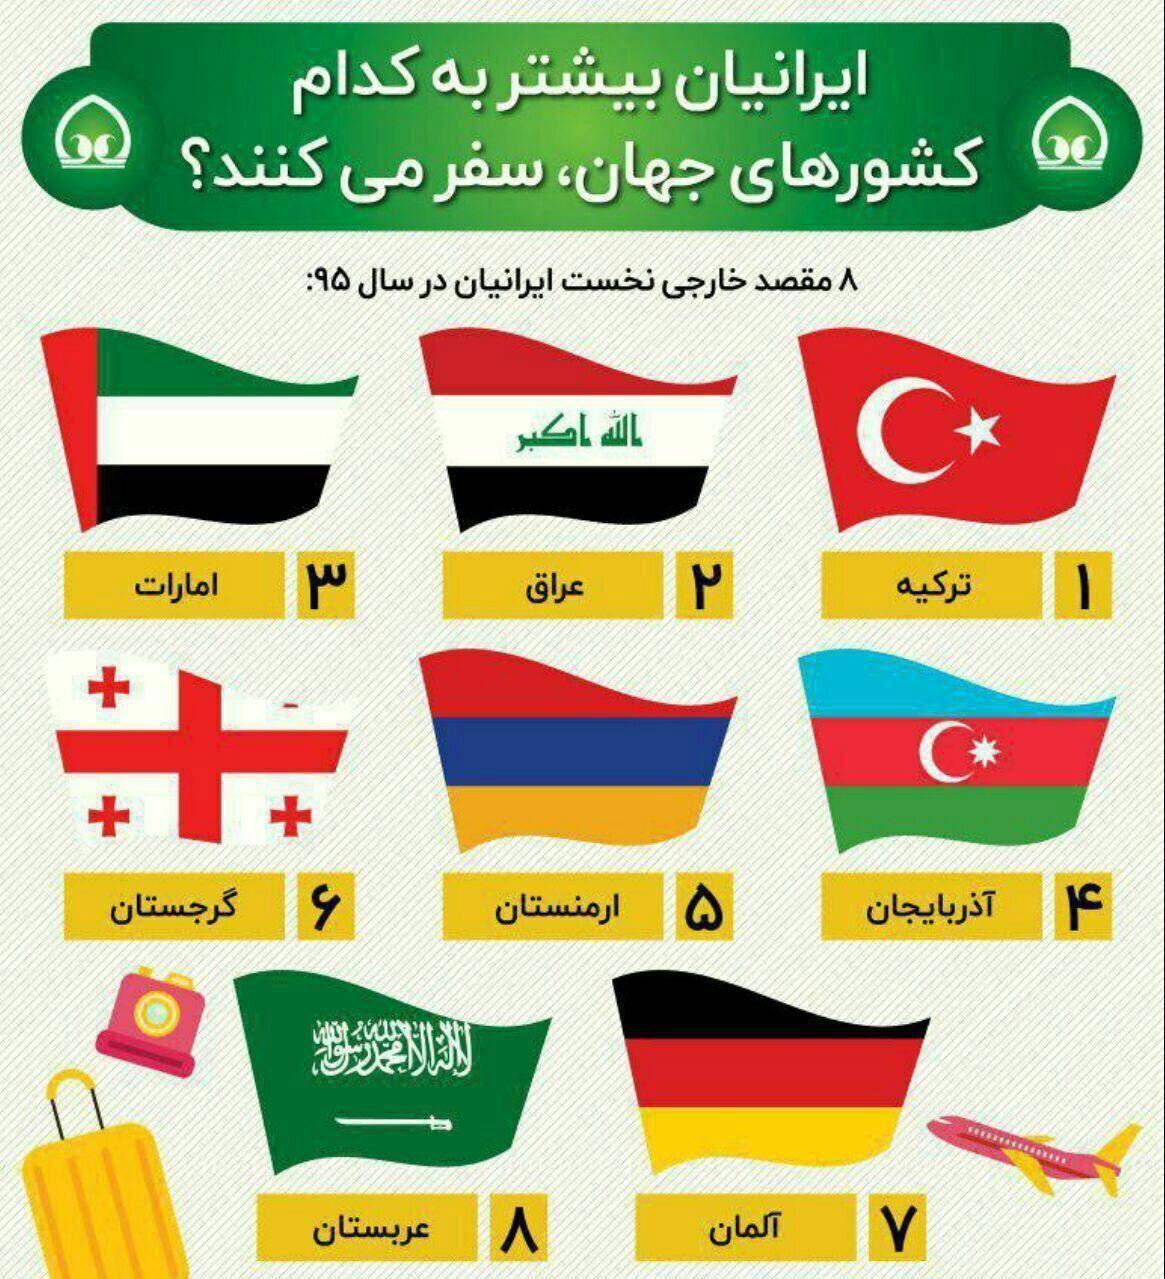 ایرانیان بیشتر به کدام کشورهای جهان سفر می کنند؟ +اینفوگرافیک